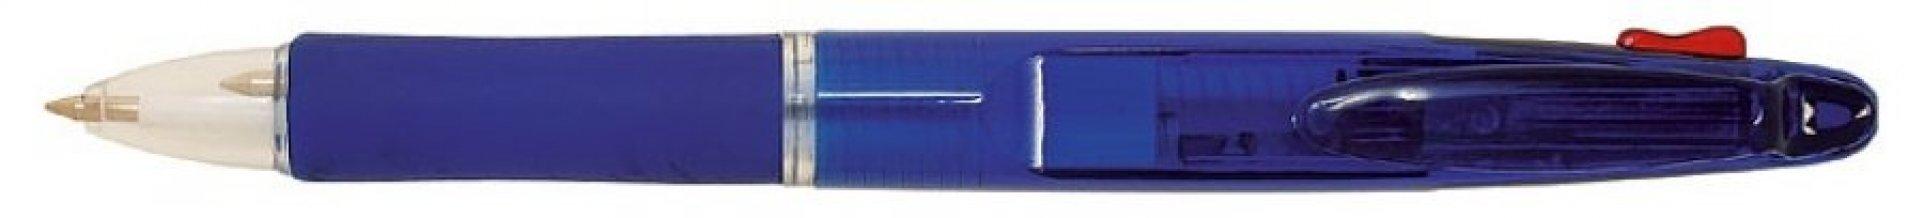 Propiska plast 2v1 BARNA transparentní, modrá